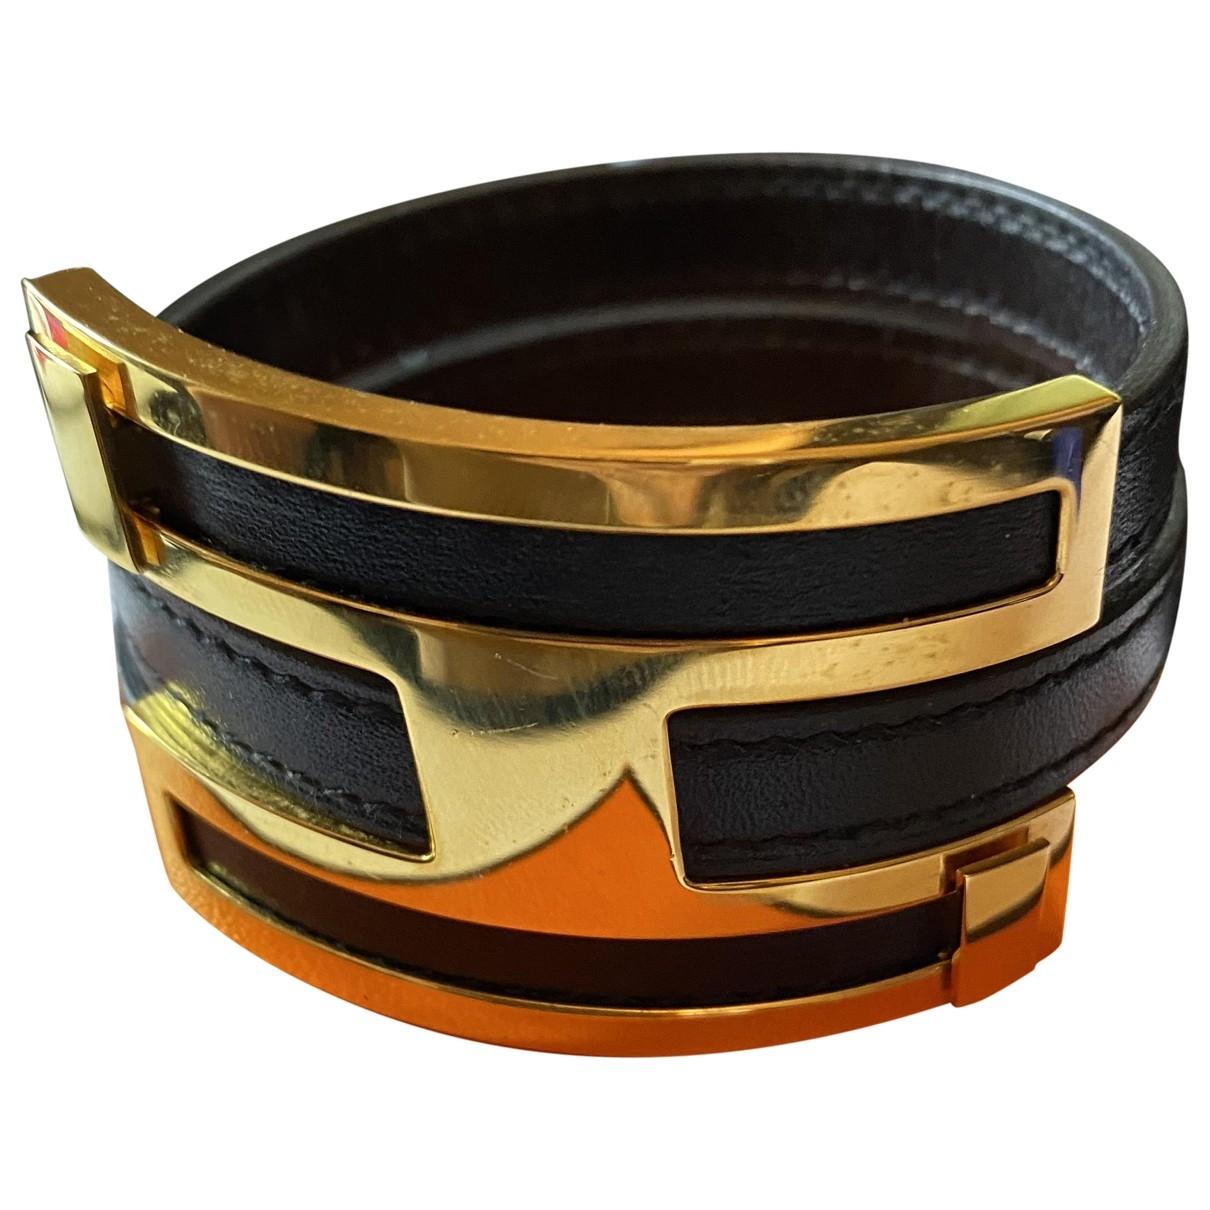 Hermes \N Armband in  Bunt Leder